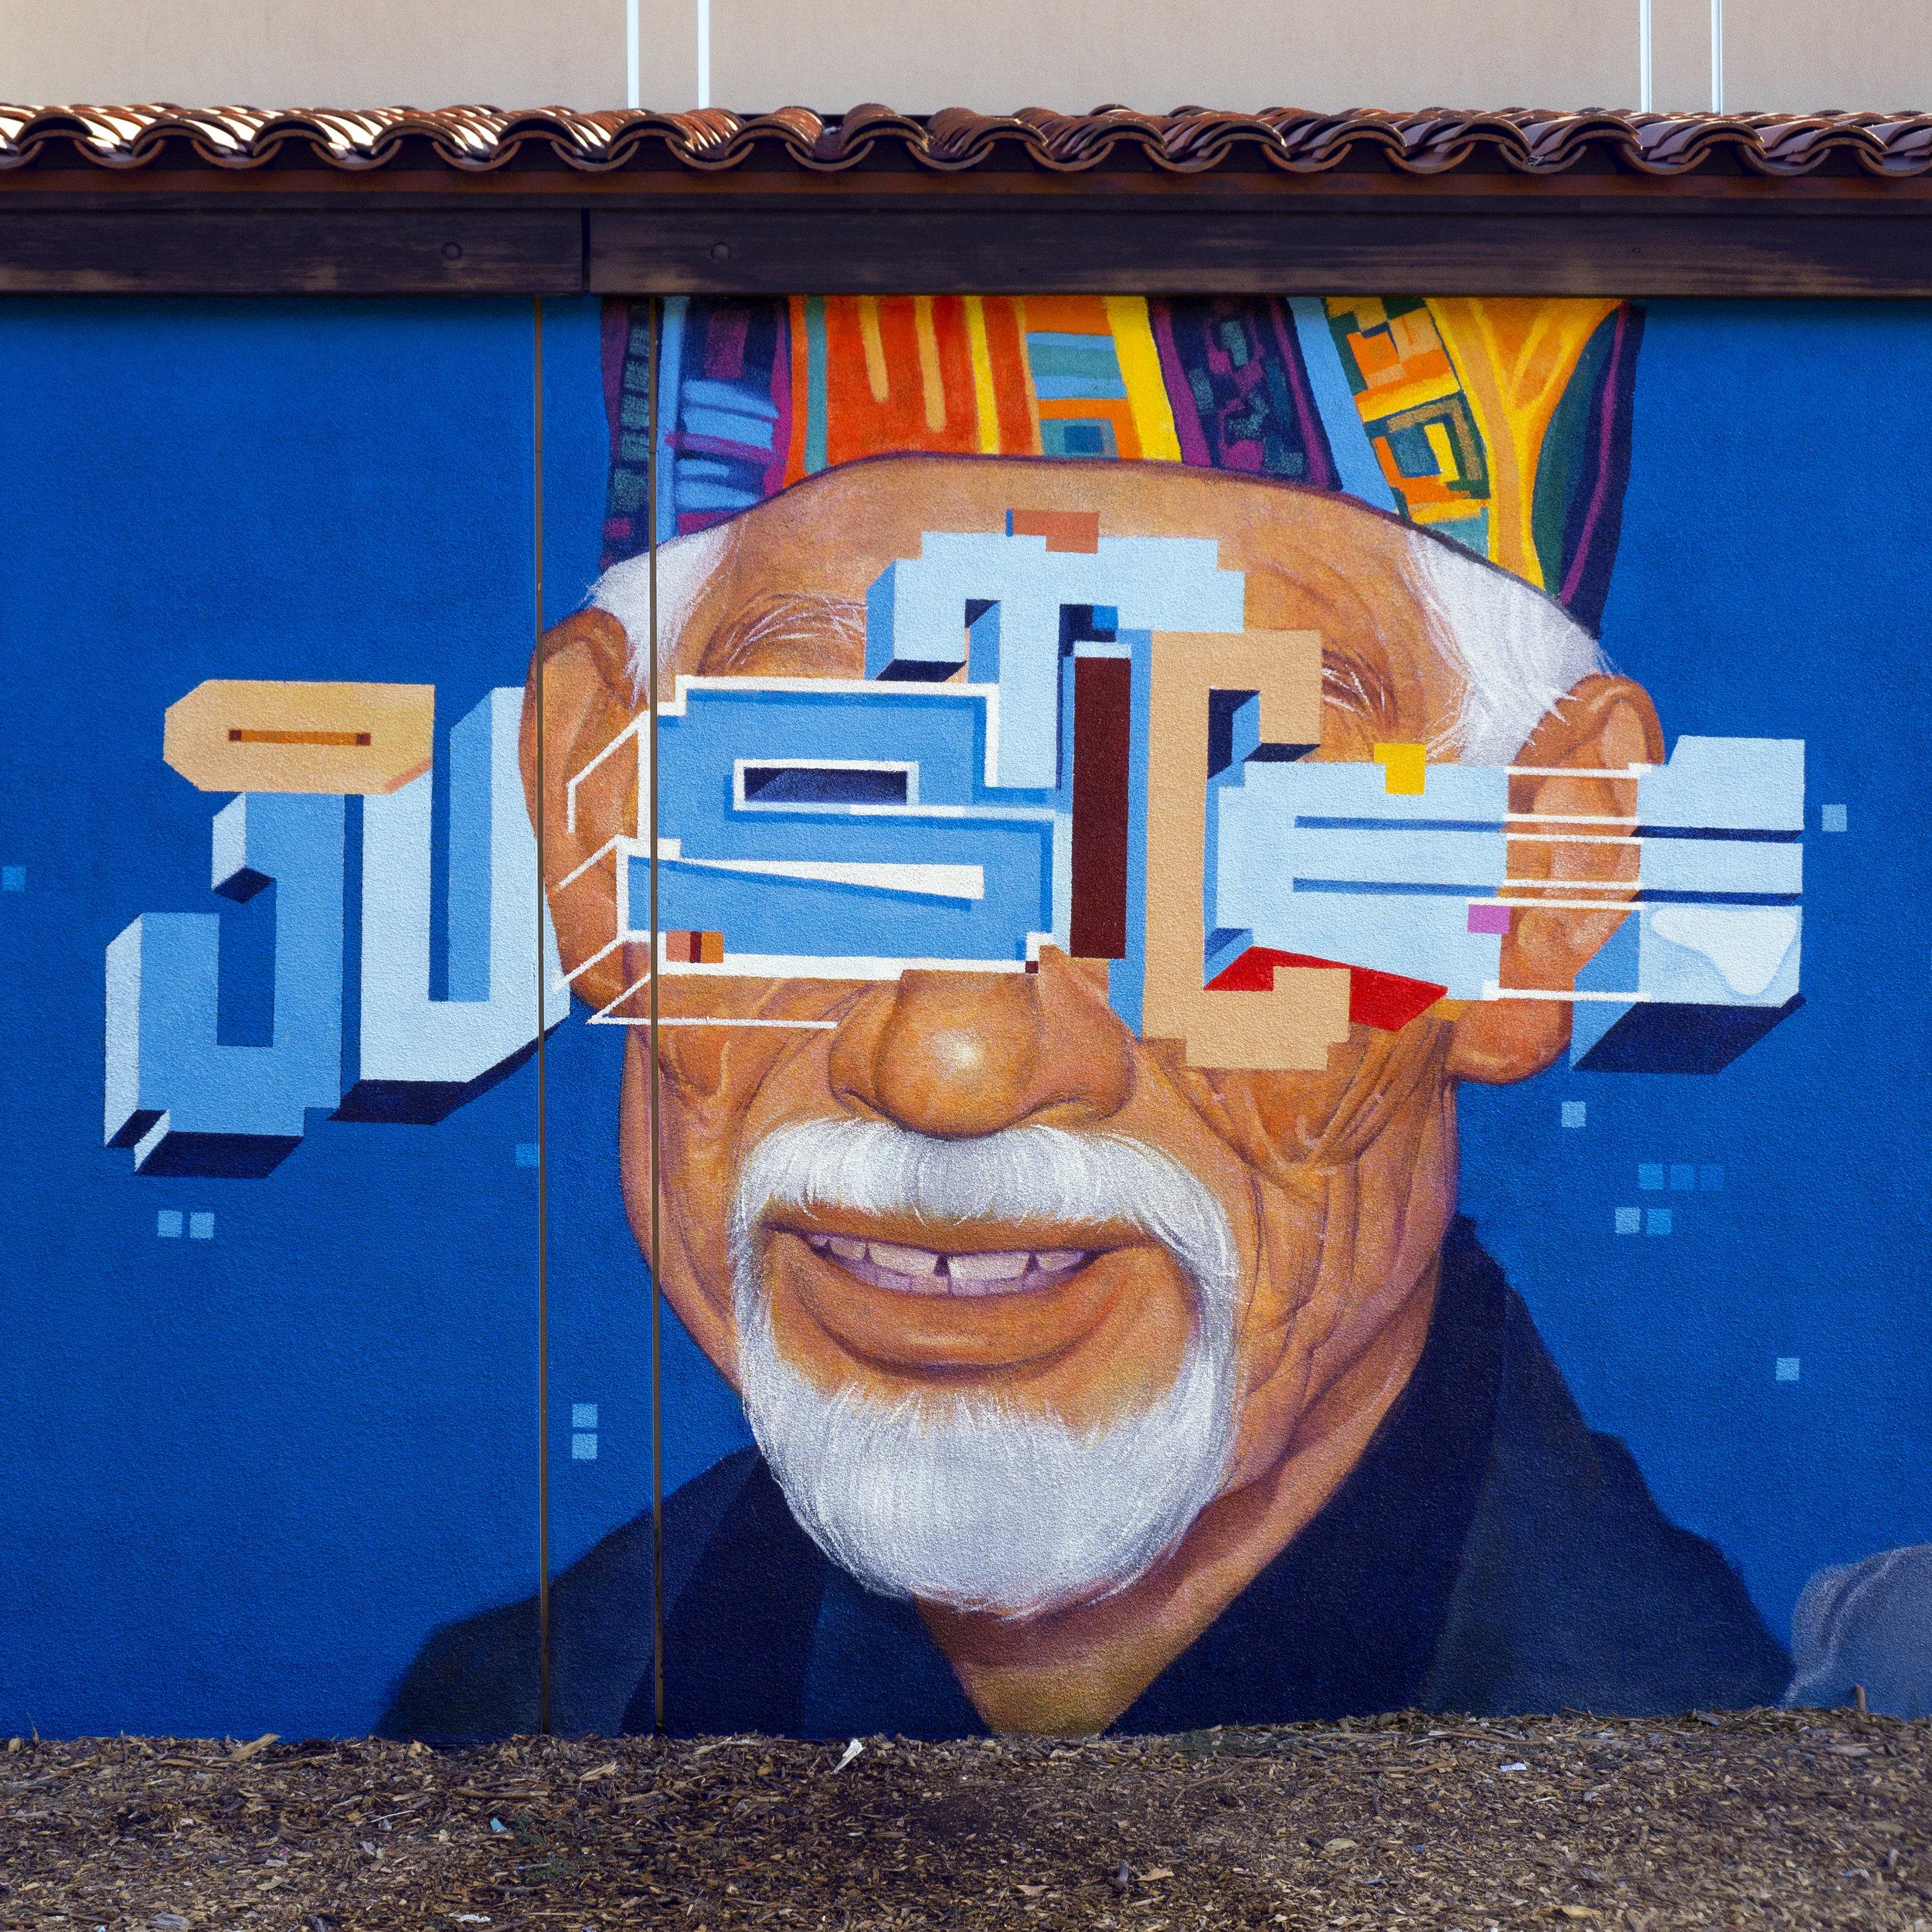 L'iperrealismo nella street art di Samuel Rodriguez | Collater.al 3